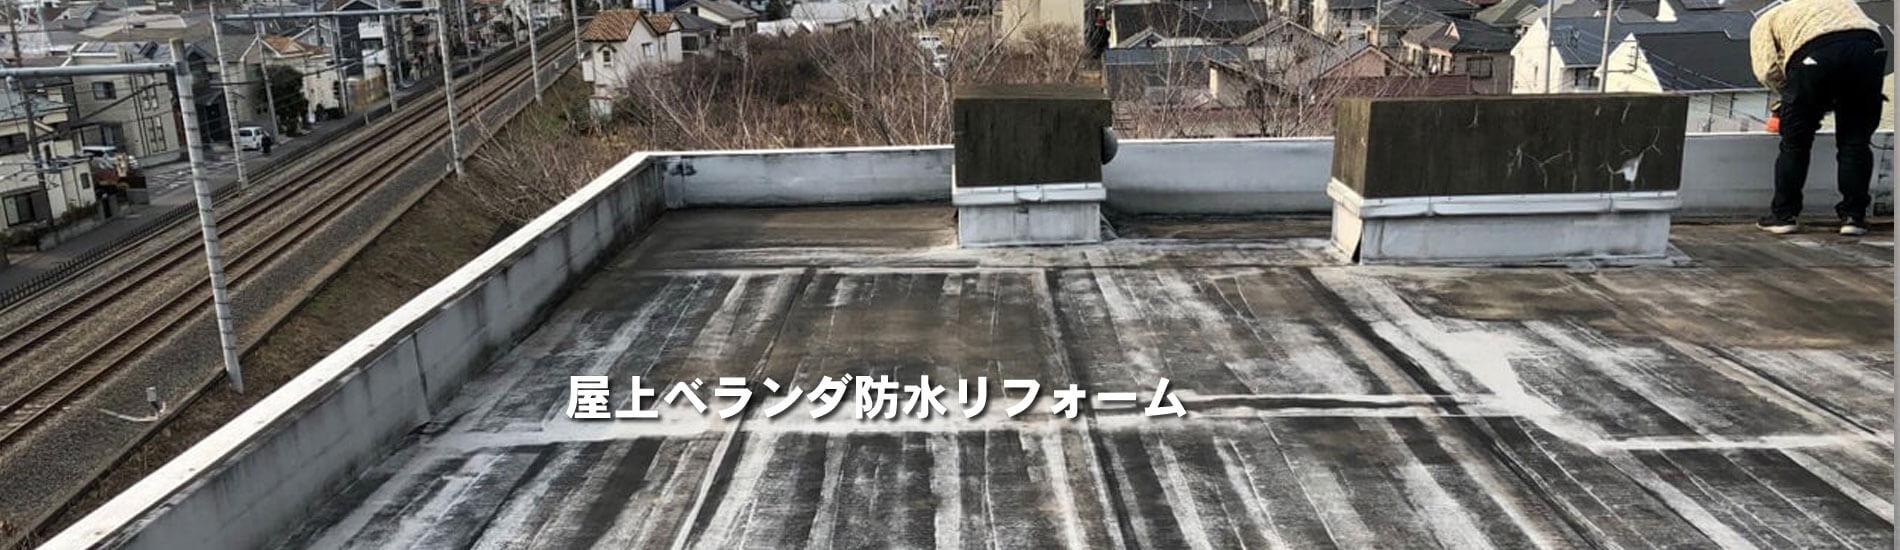 屋上シート防水リフォーム